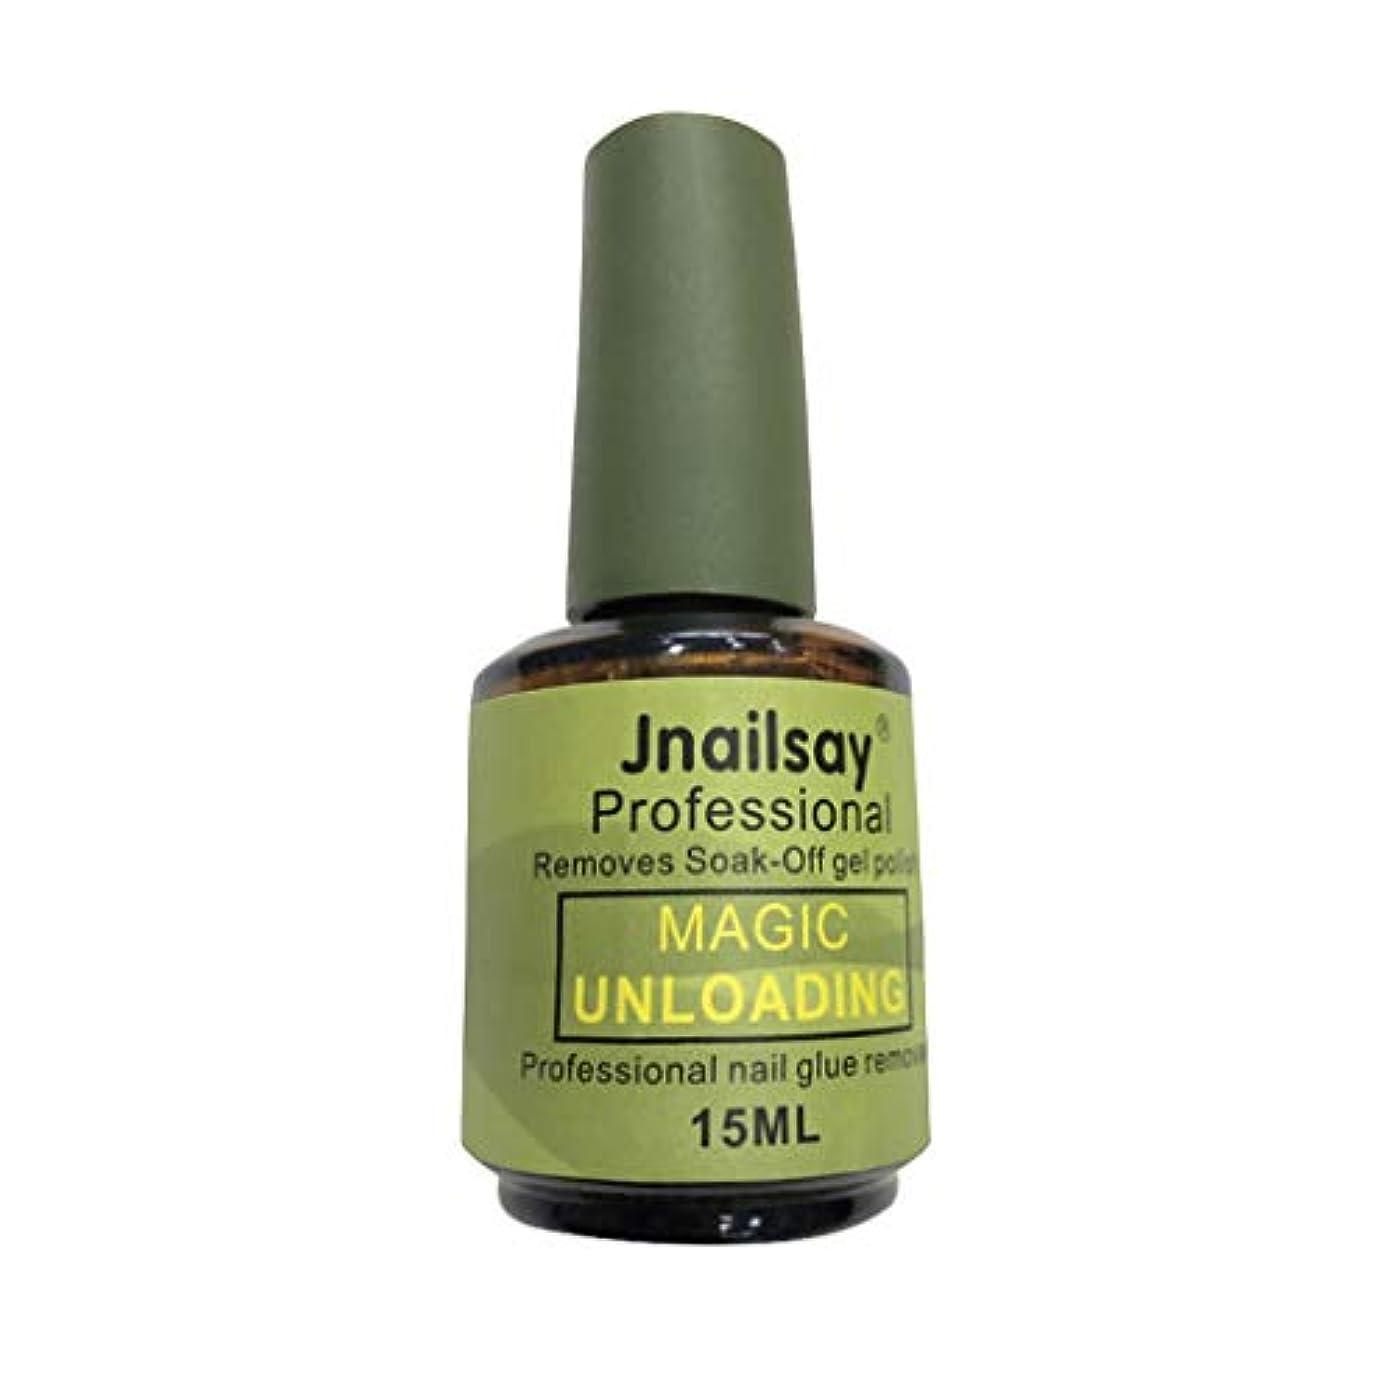 ハードリング起こりやすいストローネイル用品 Jnailsay 15ml速い破裂の装甲接着剤1分の荷を下す操作は釘を傷つけないで簡単で便利です (多色)